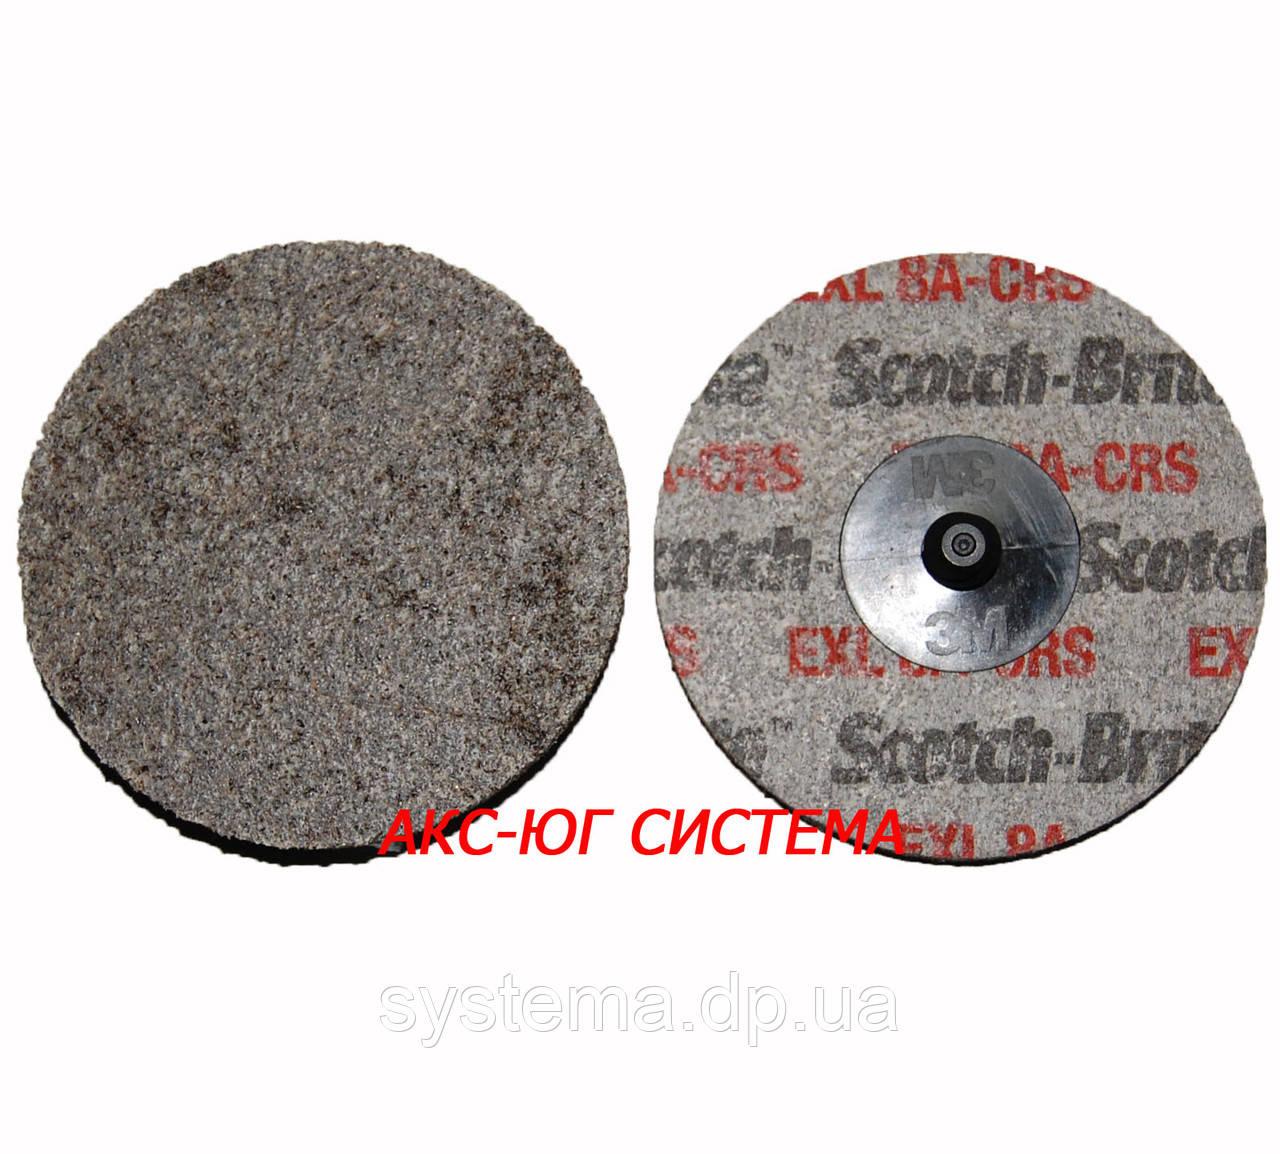 3M™ 17191 Scotch-Brite™ XL-UR 6A MED- Круг прессованный 76 мм с креплением Roloc™, для нерж. стали